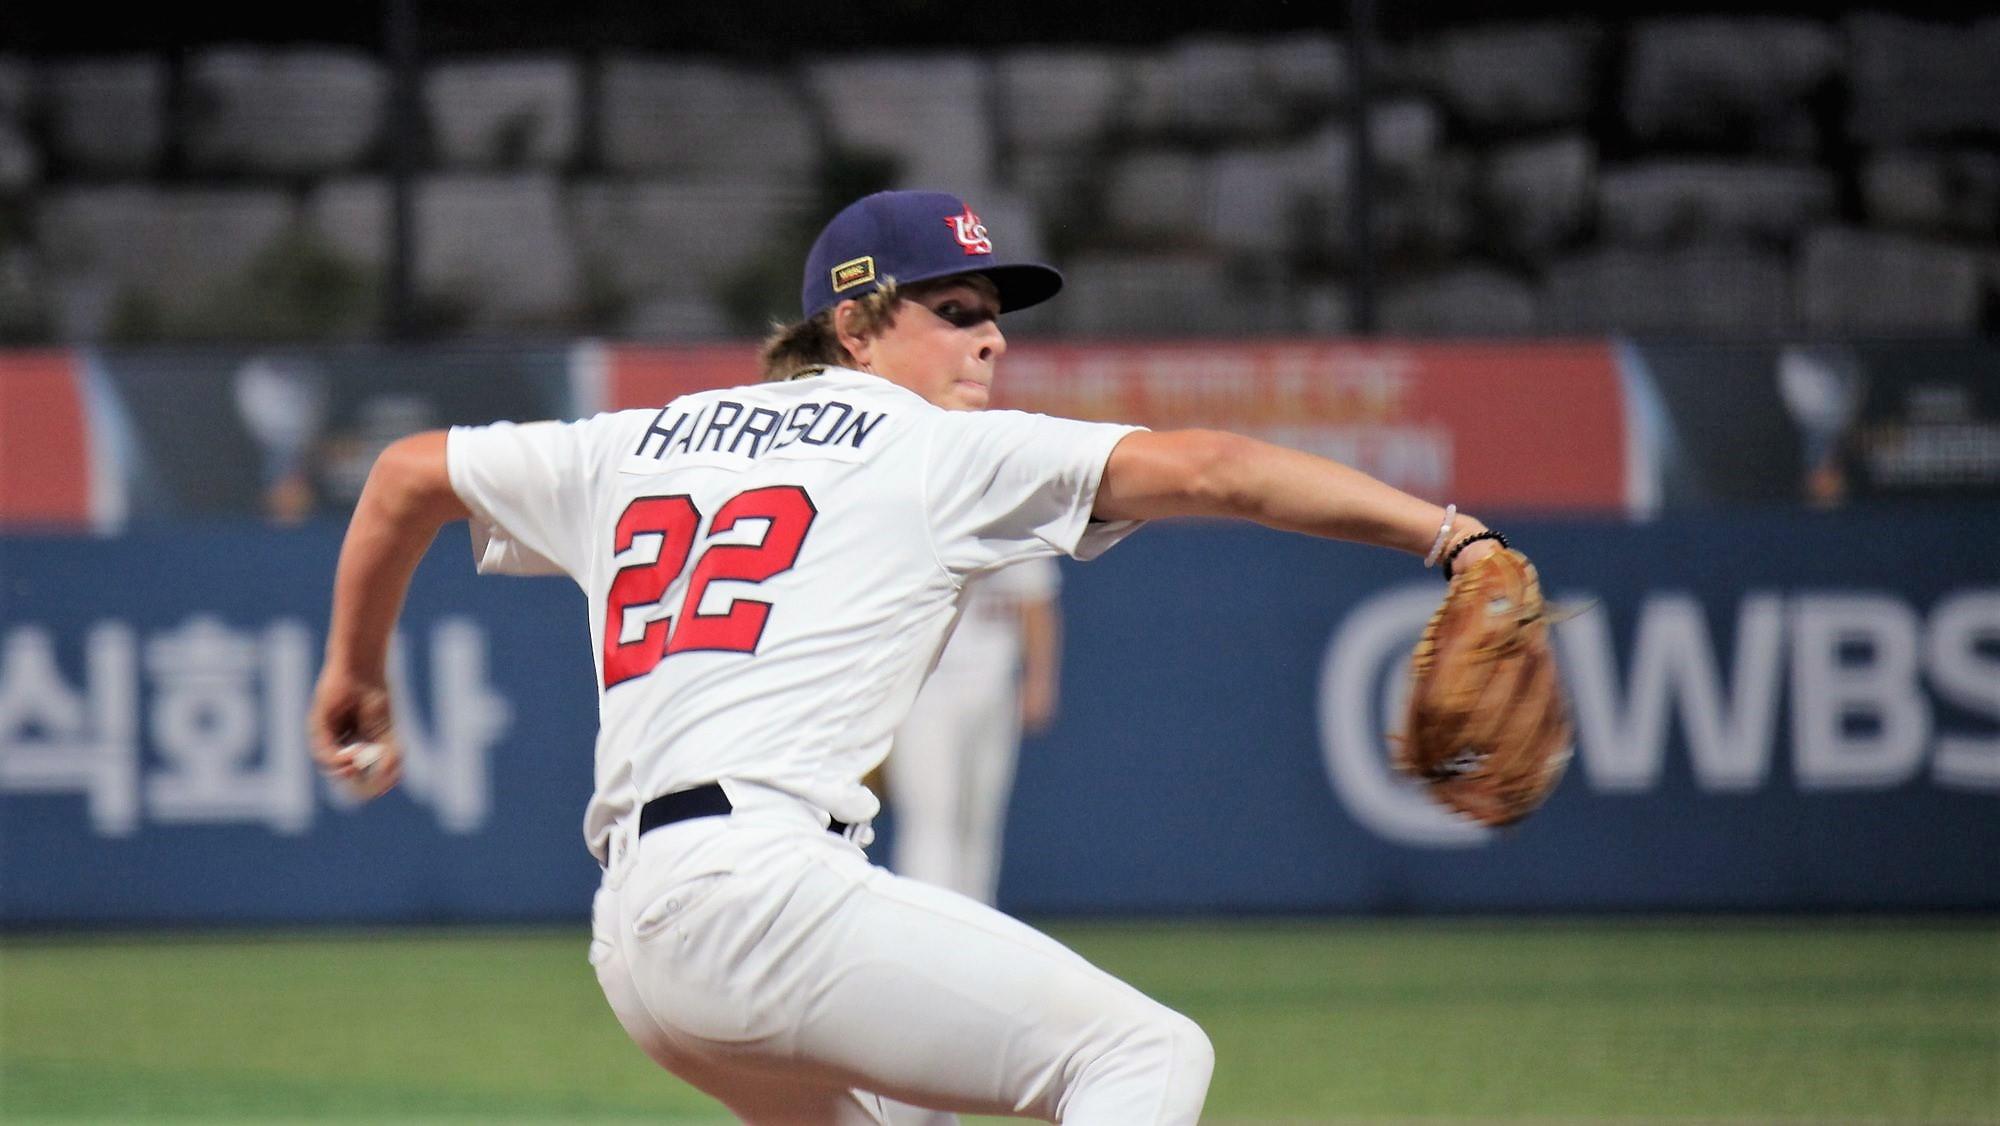 Kyle Harrison è stato dominante per gli USA